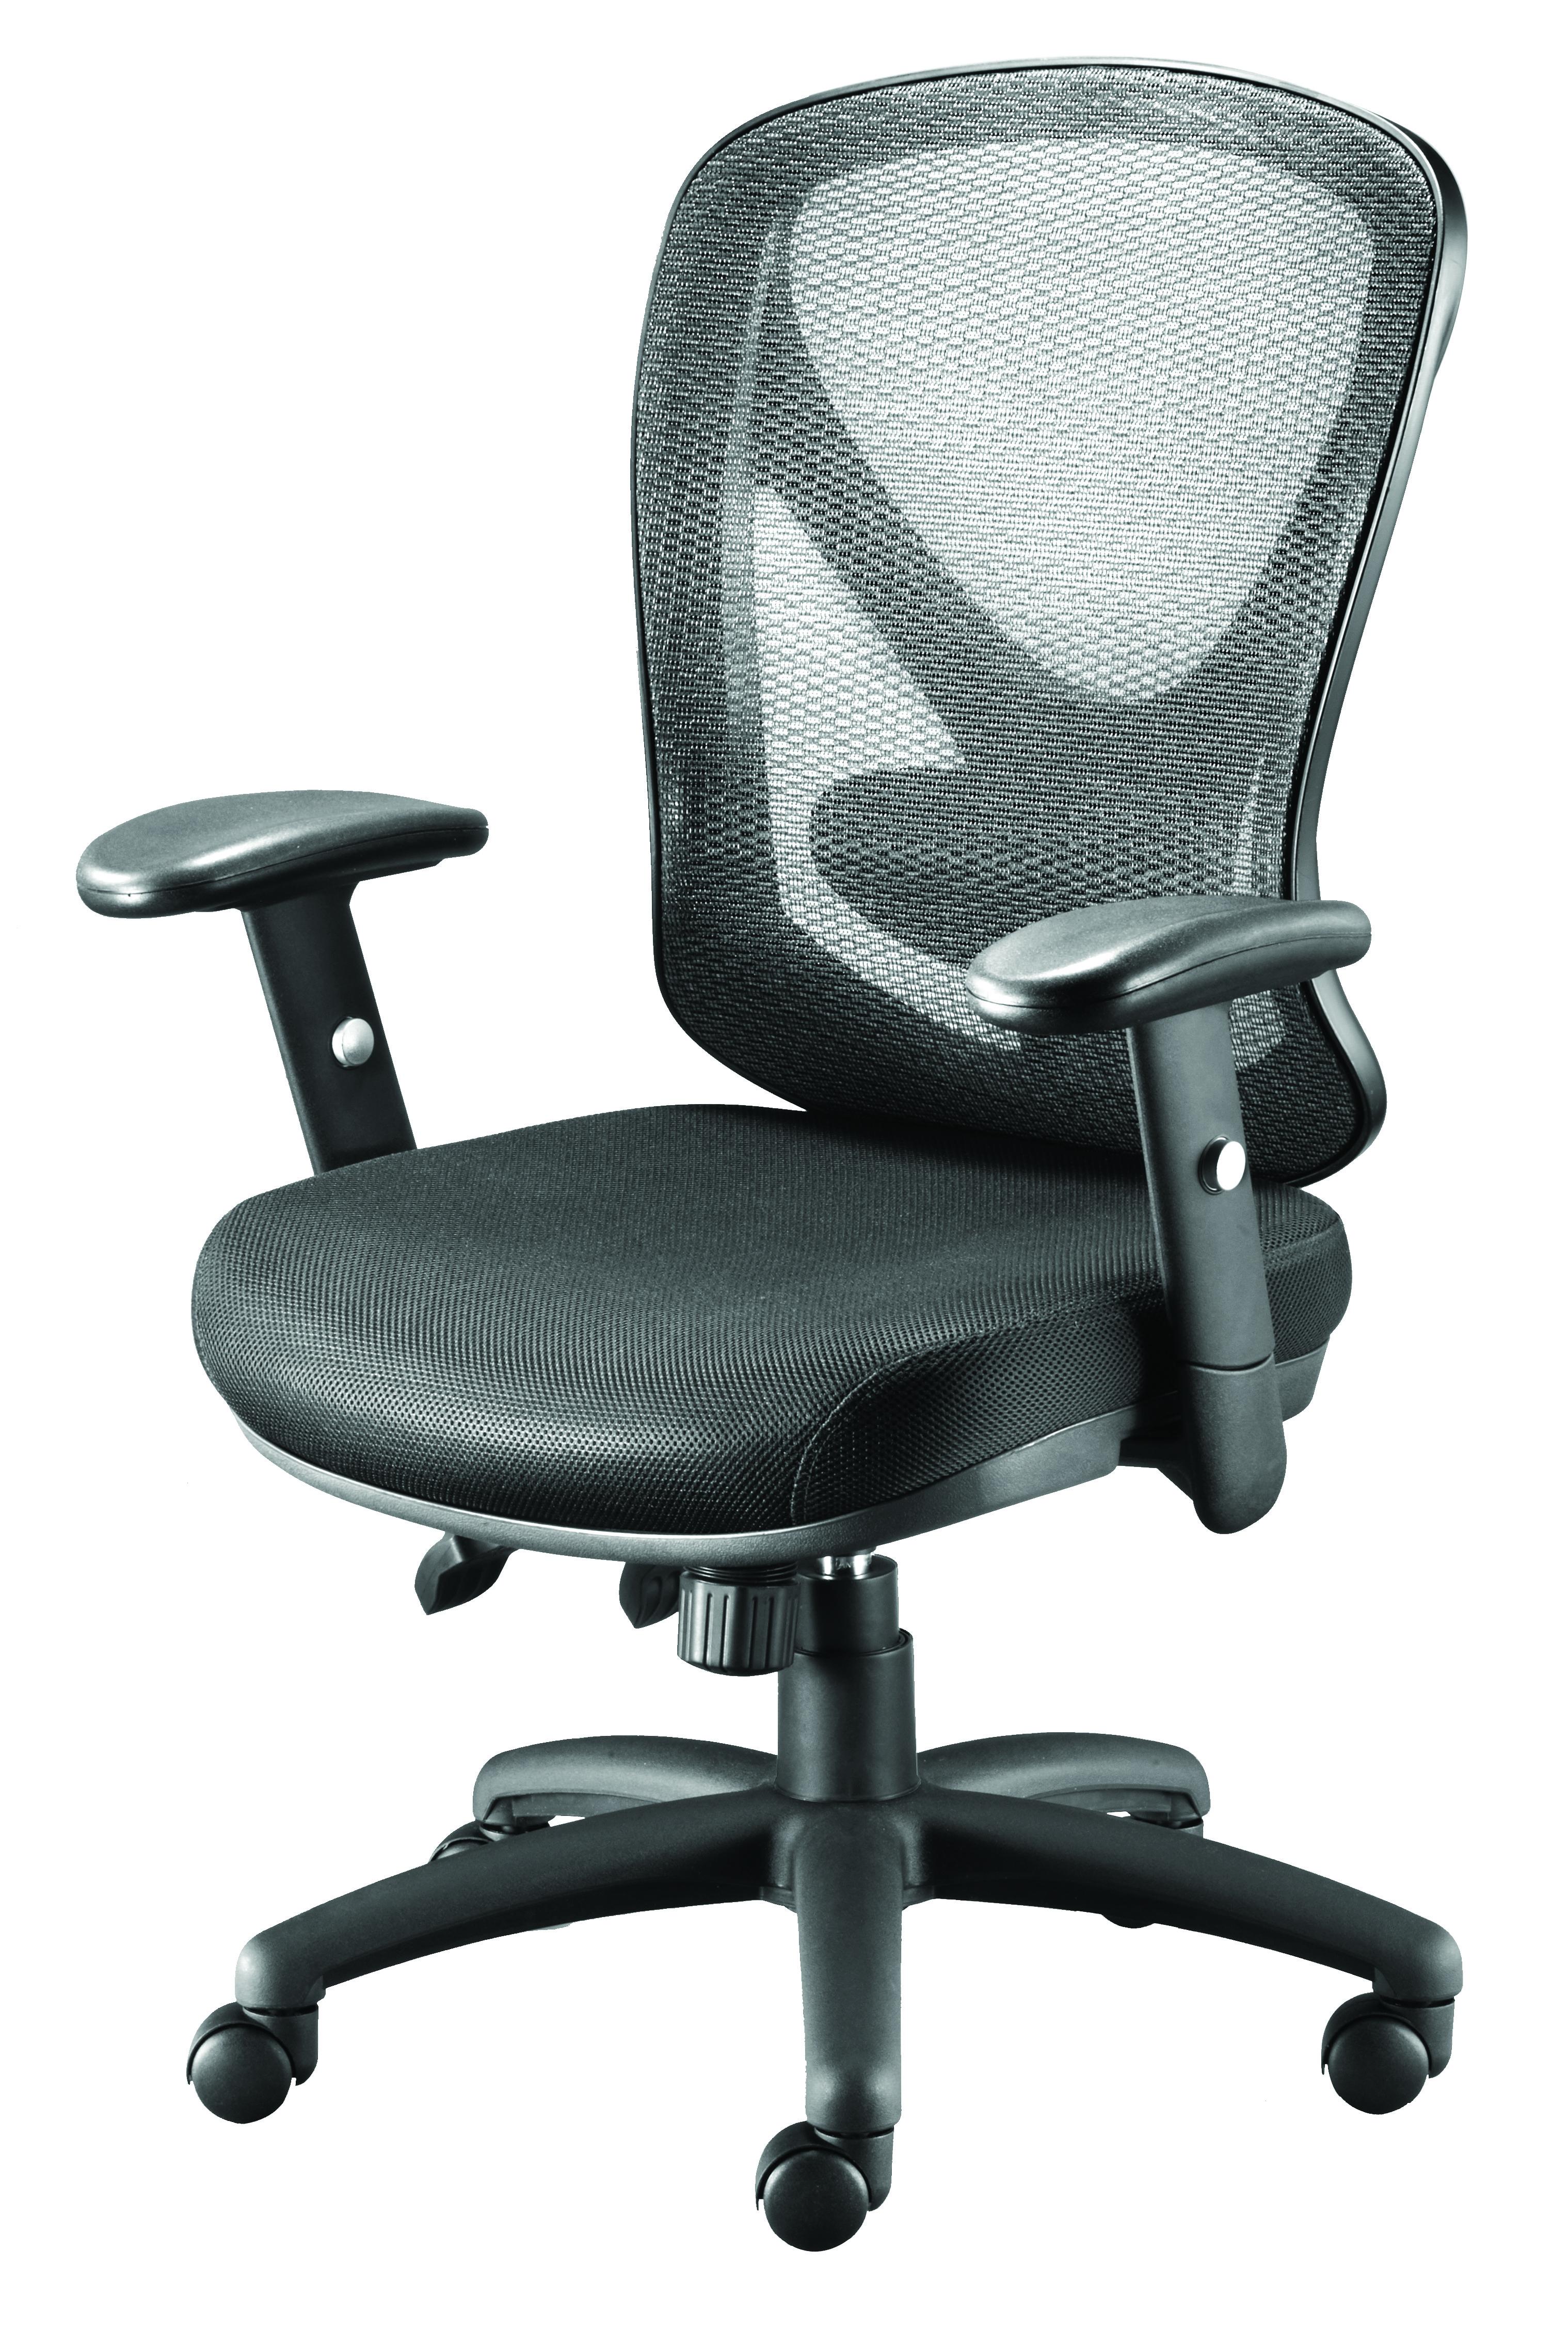 Staples Carder Mesh Office Chair Black Ebay